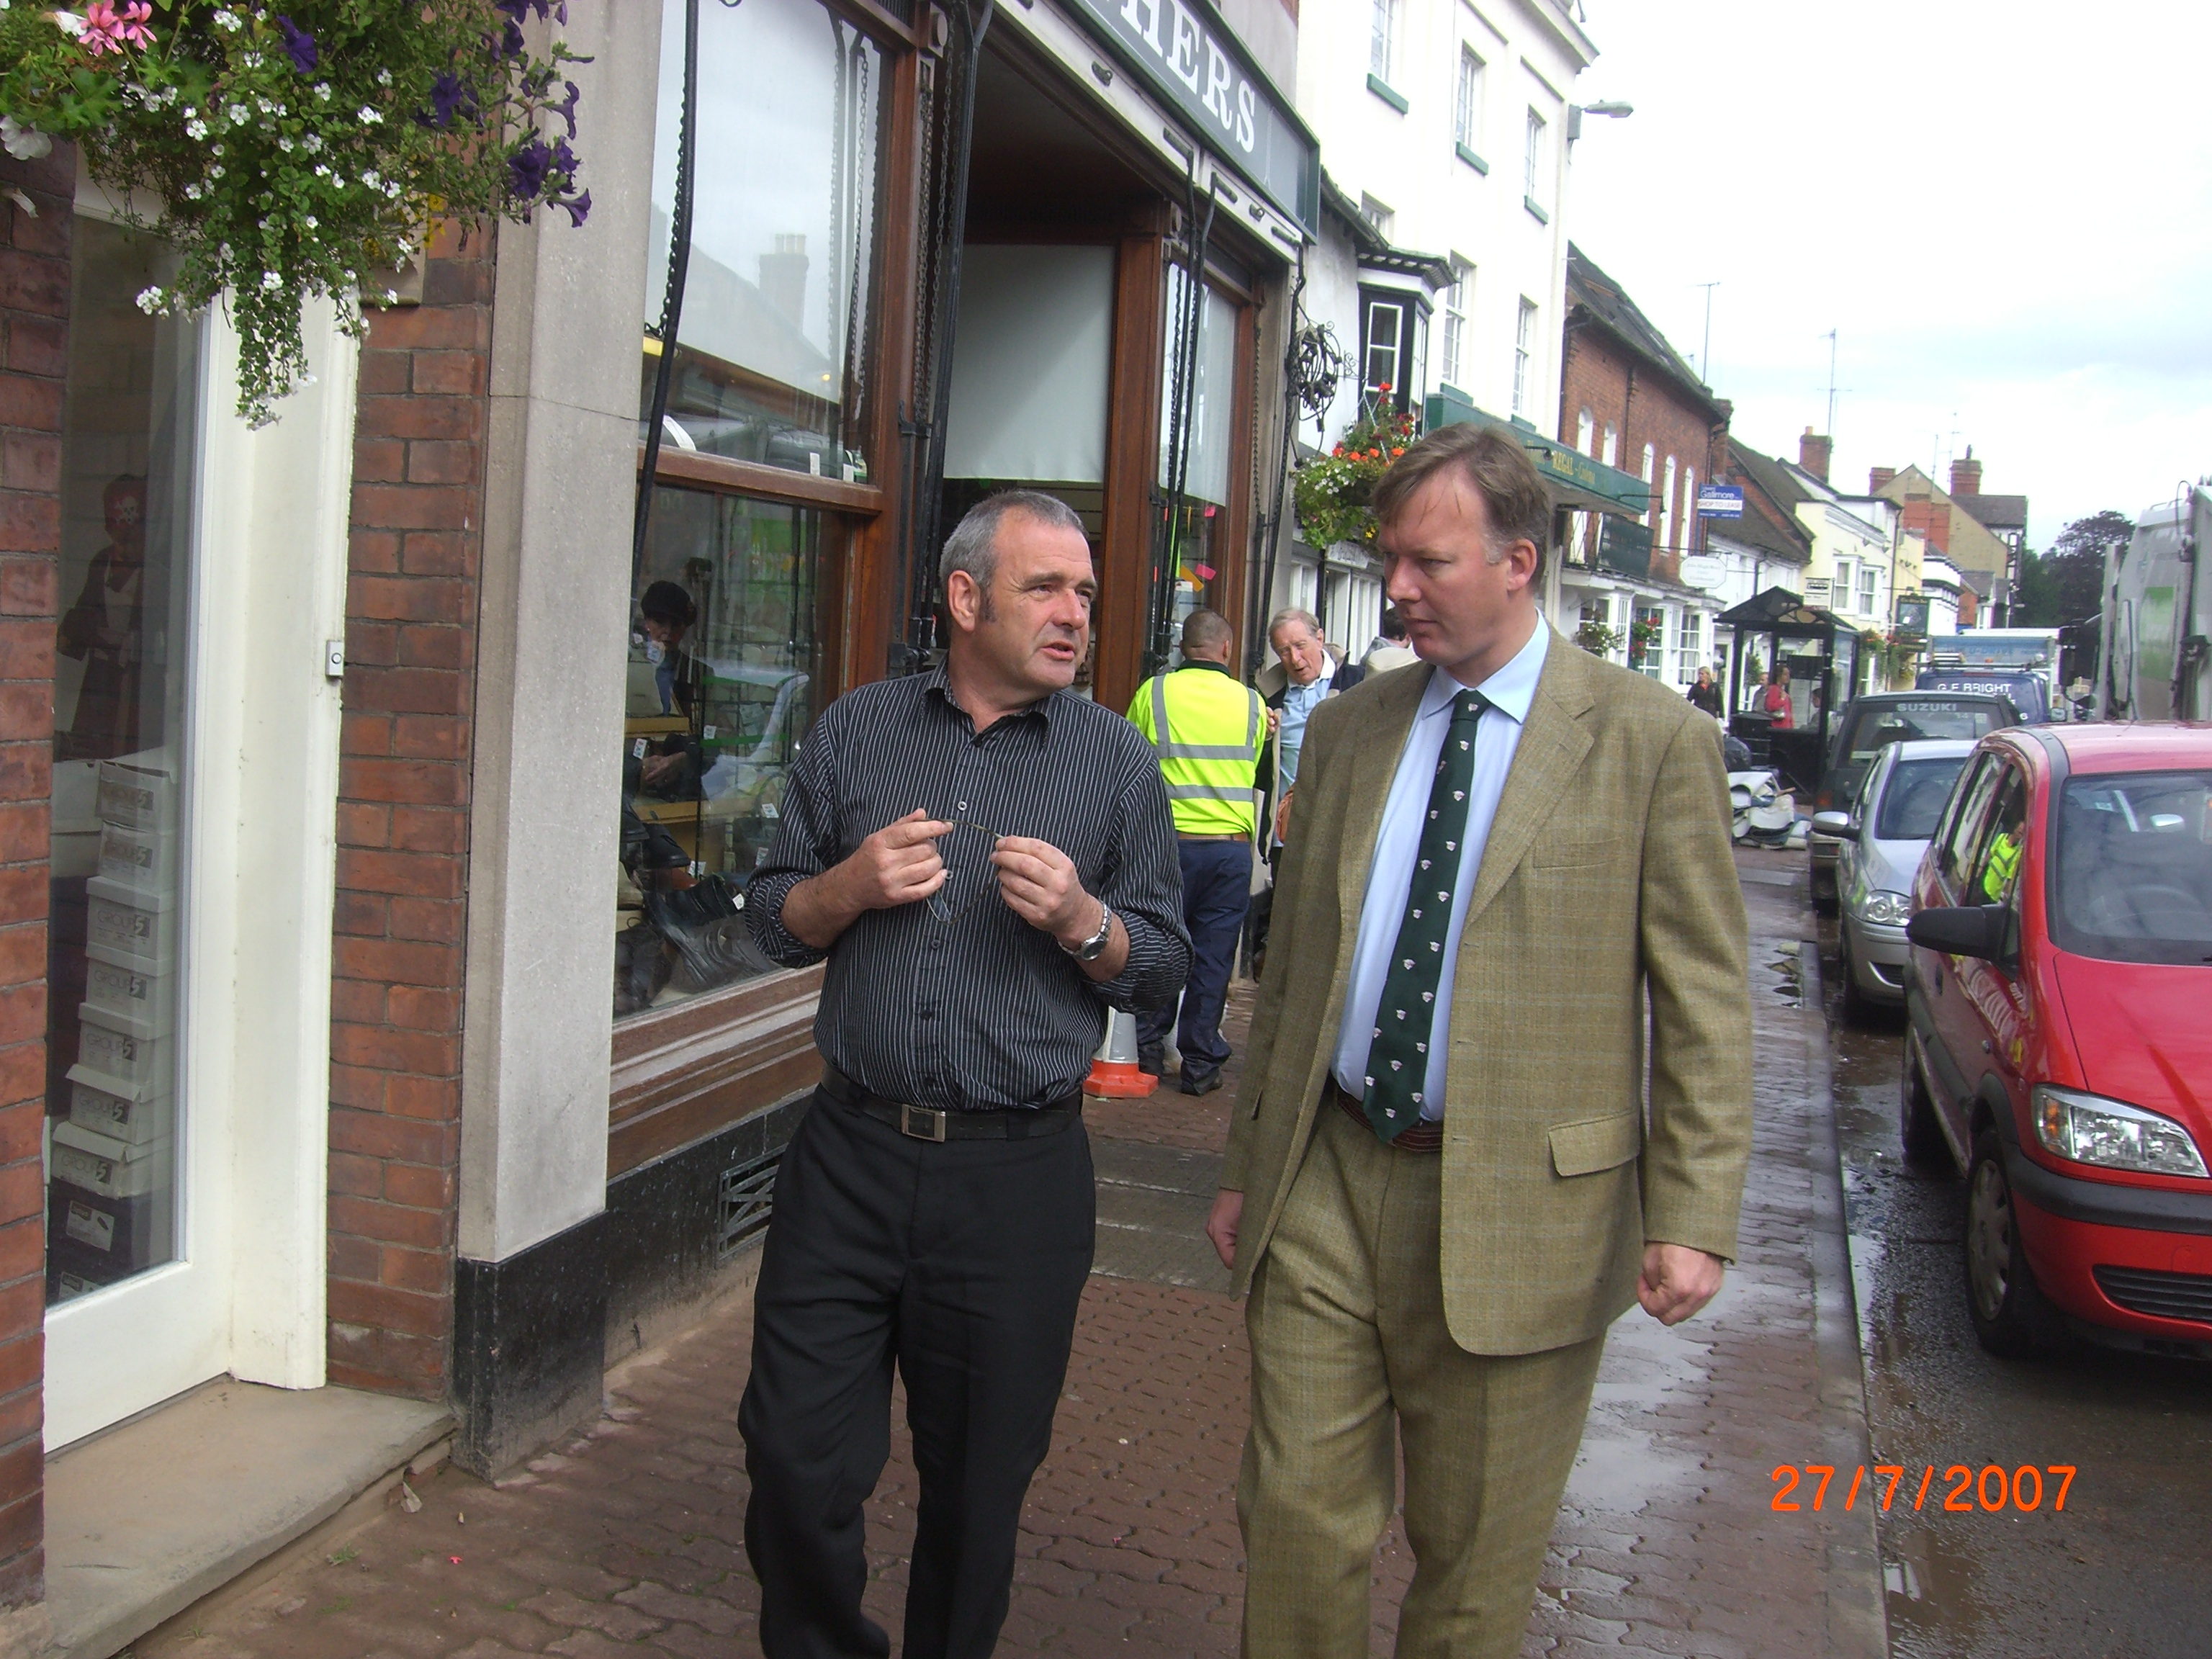 Bill in Tenbury Wells